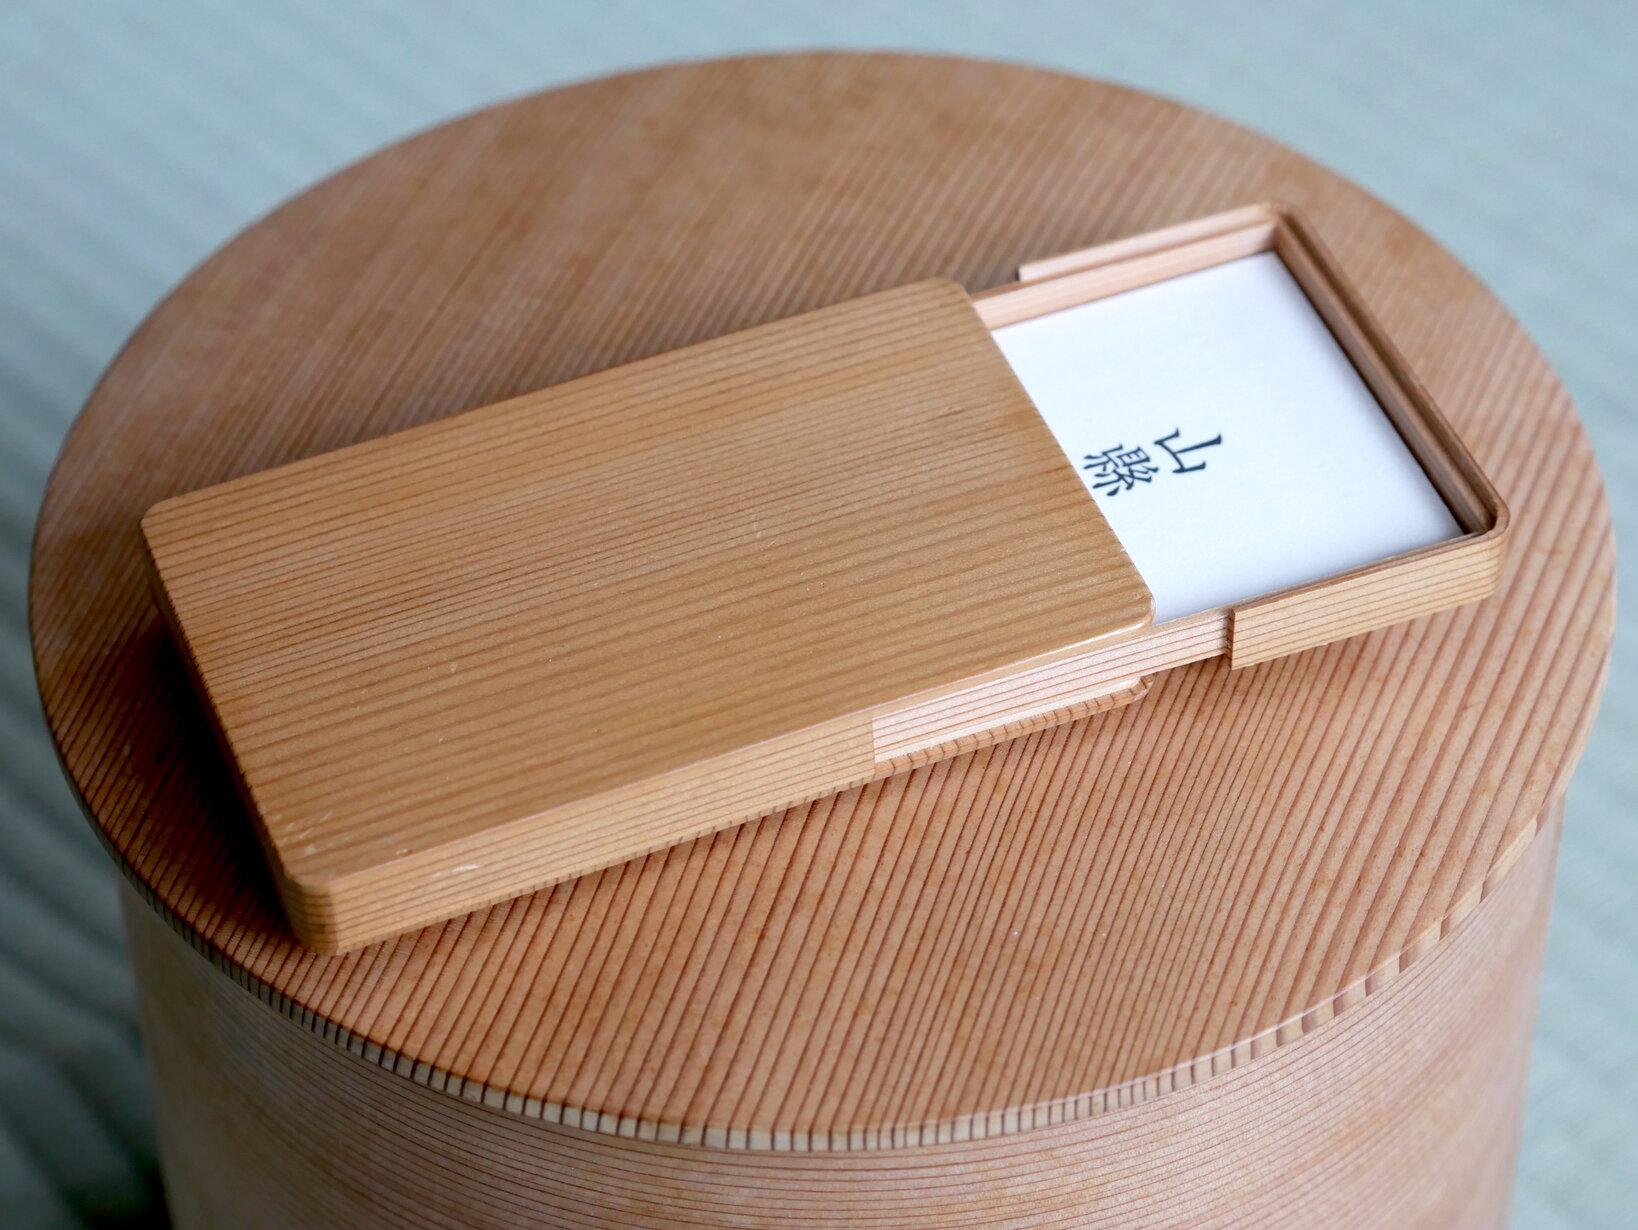 橋村家が長年培った技術の粋を究めた茶人垂涎の水差しの技術が、この名刺入れにぐっと凝縮されている。